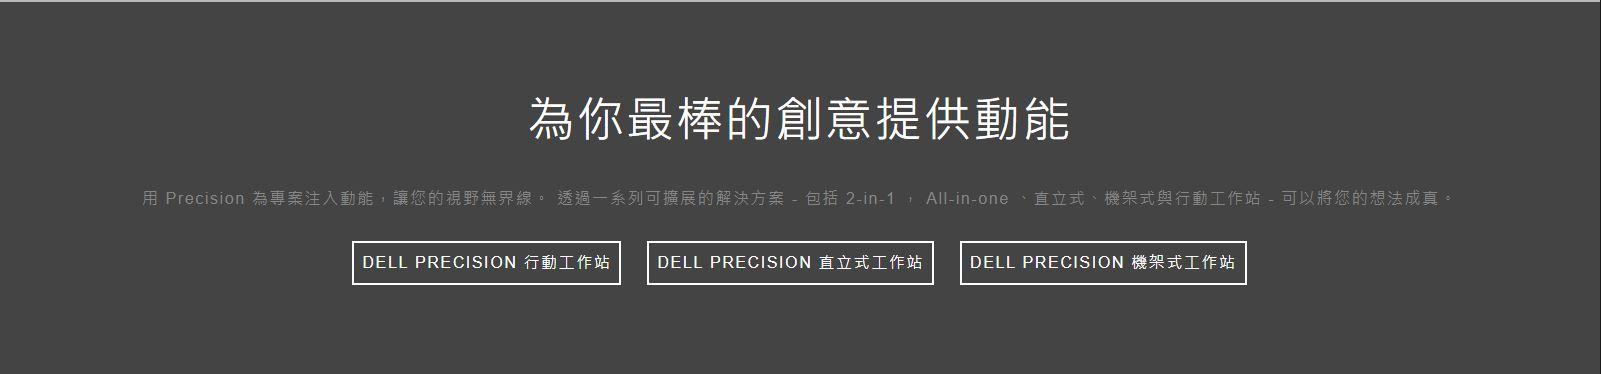 Web_Dell_3